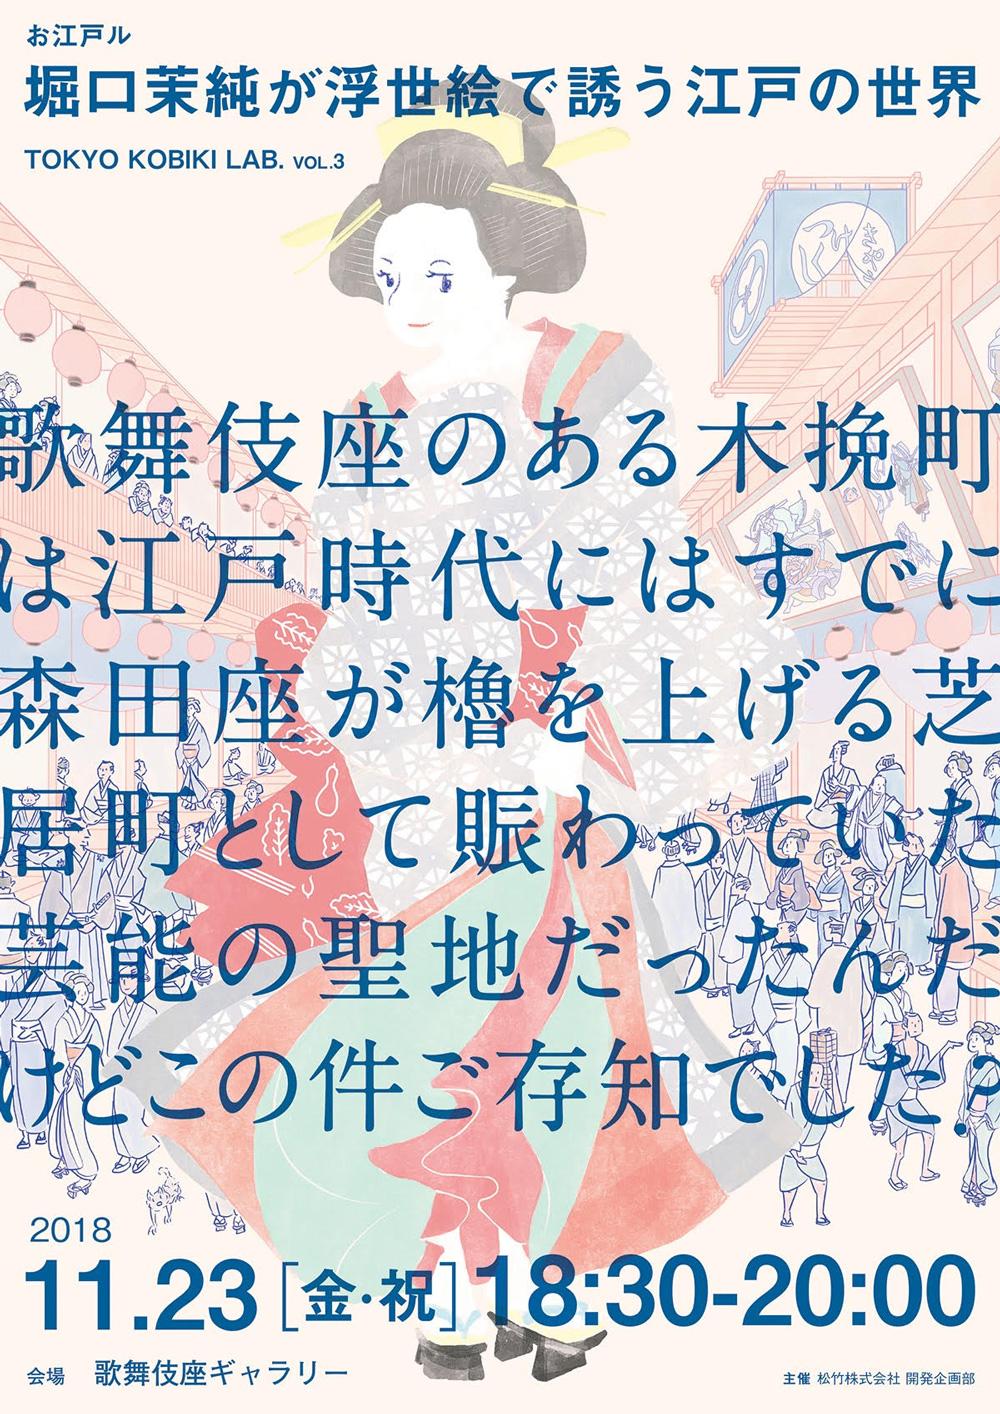 歌舞伎座ギャラリー「お江戸ル 堀口茉純が浮世絵で誘う江戸の世界」のお知らせ